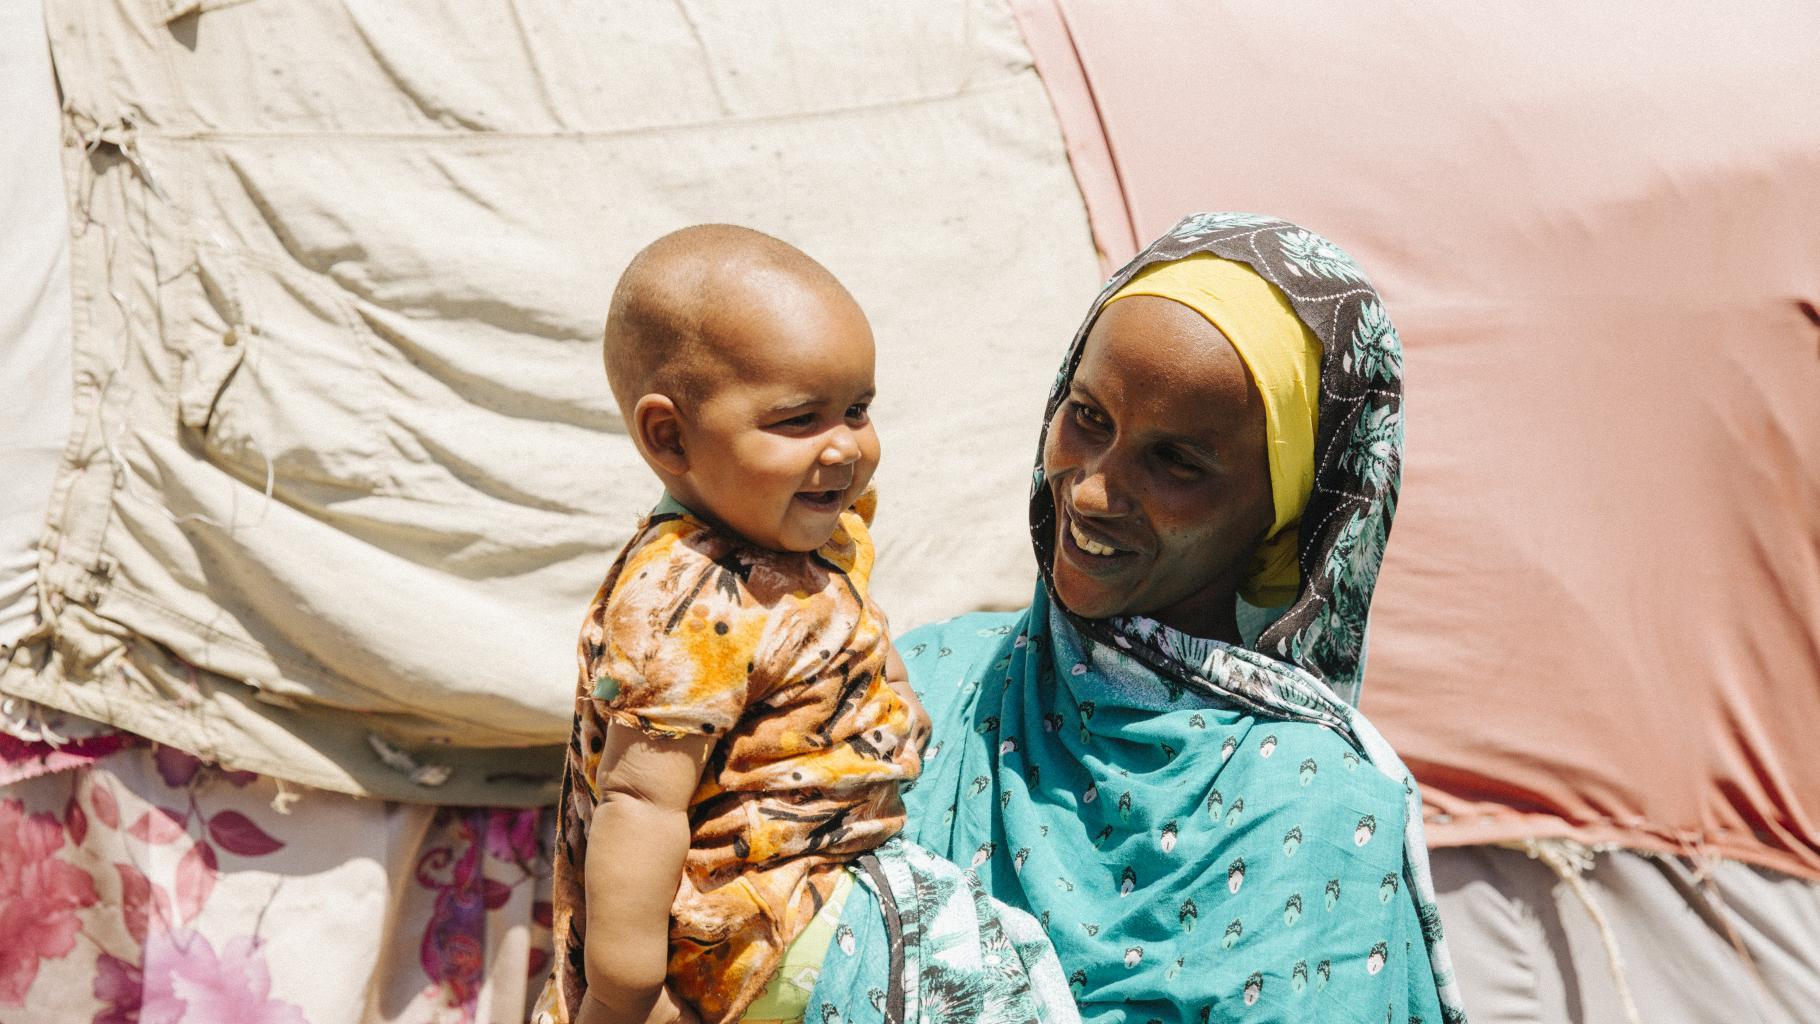 Aisha aus Äthiopien mit ihrem jüngsten Kind Oxfam